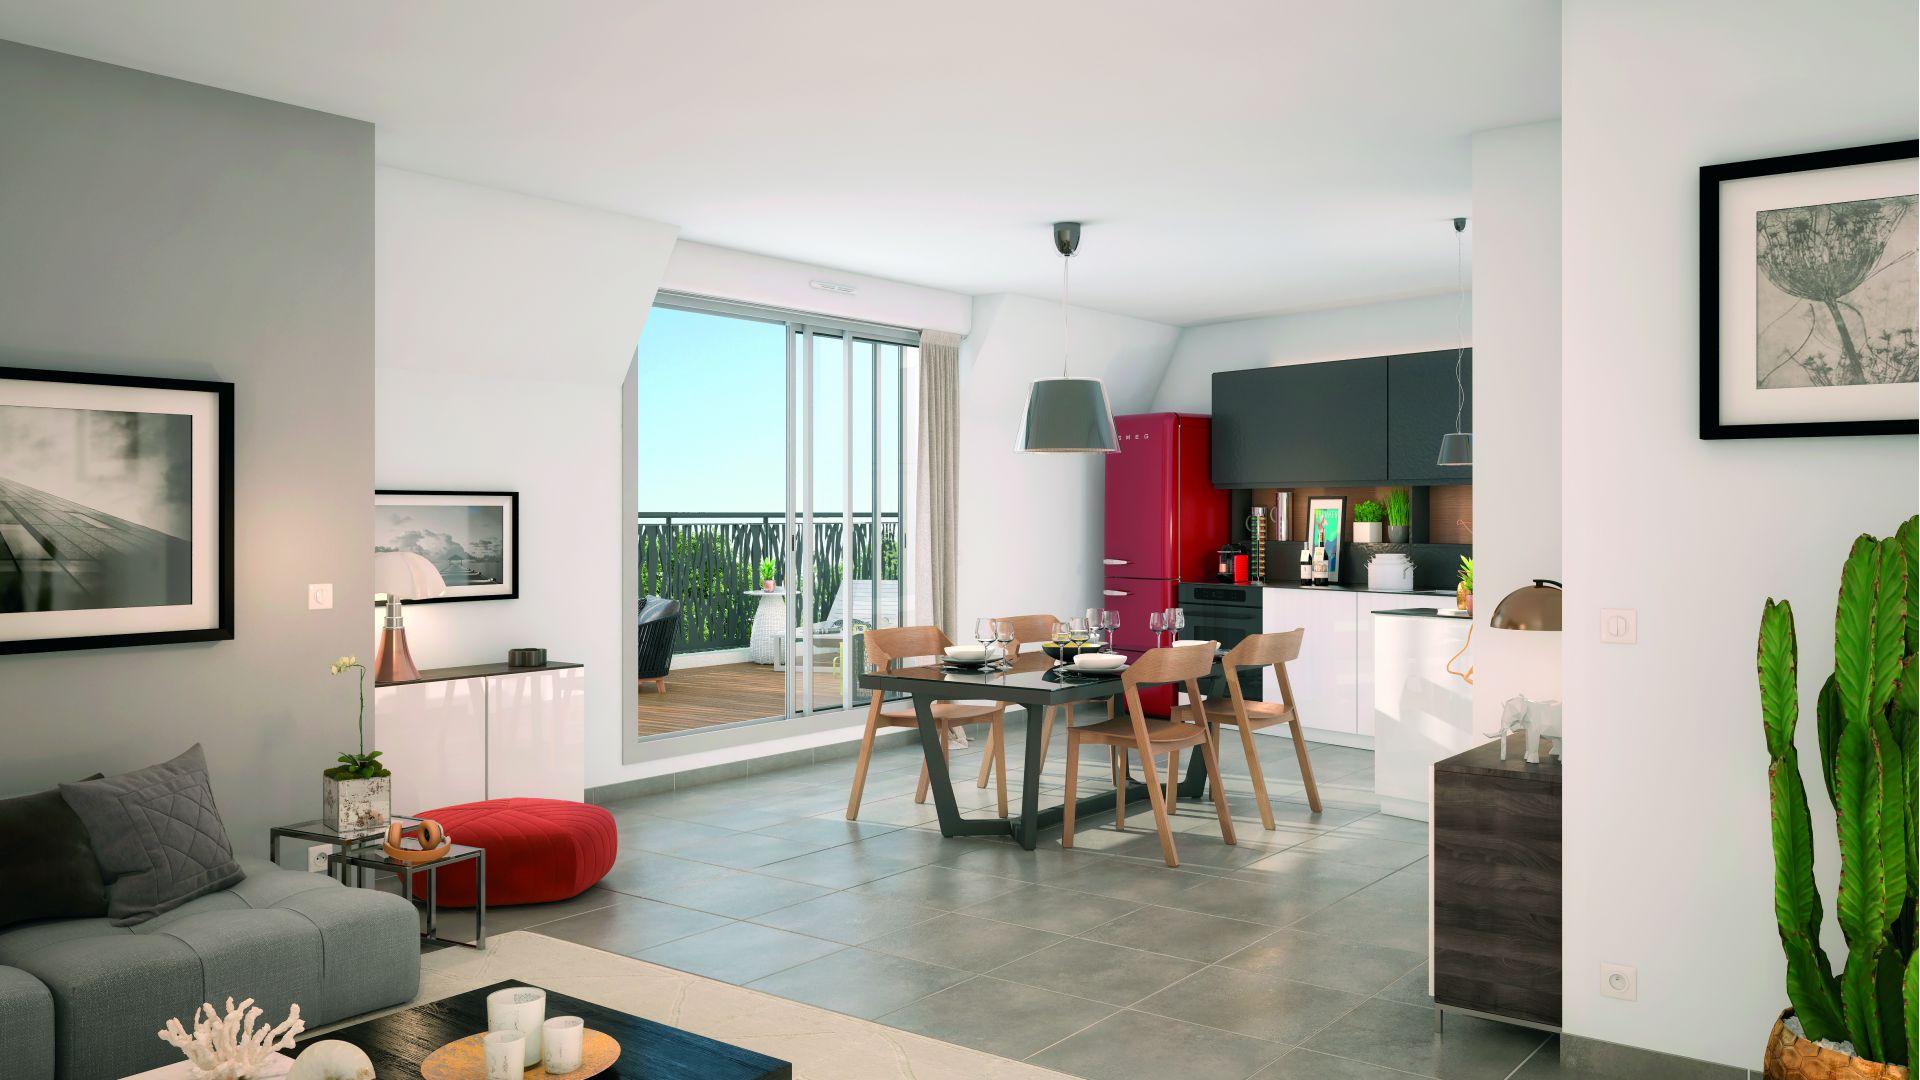 GreenCity Immobilier - Savigny sur Orge 91600 - Le Beaumont - appartements T1 Bis - T2 - T3 - T4 - vue rueintérieure